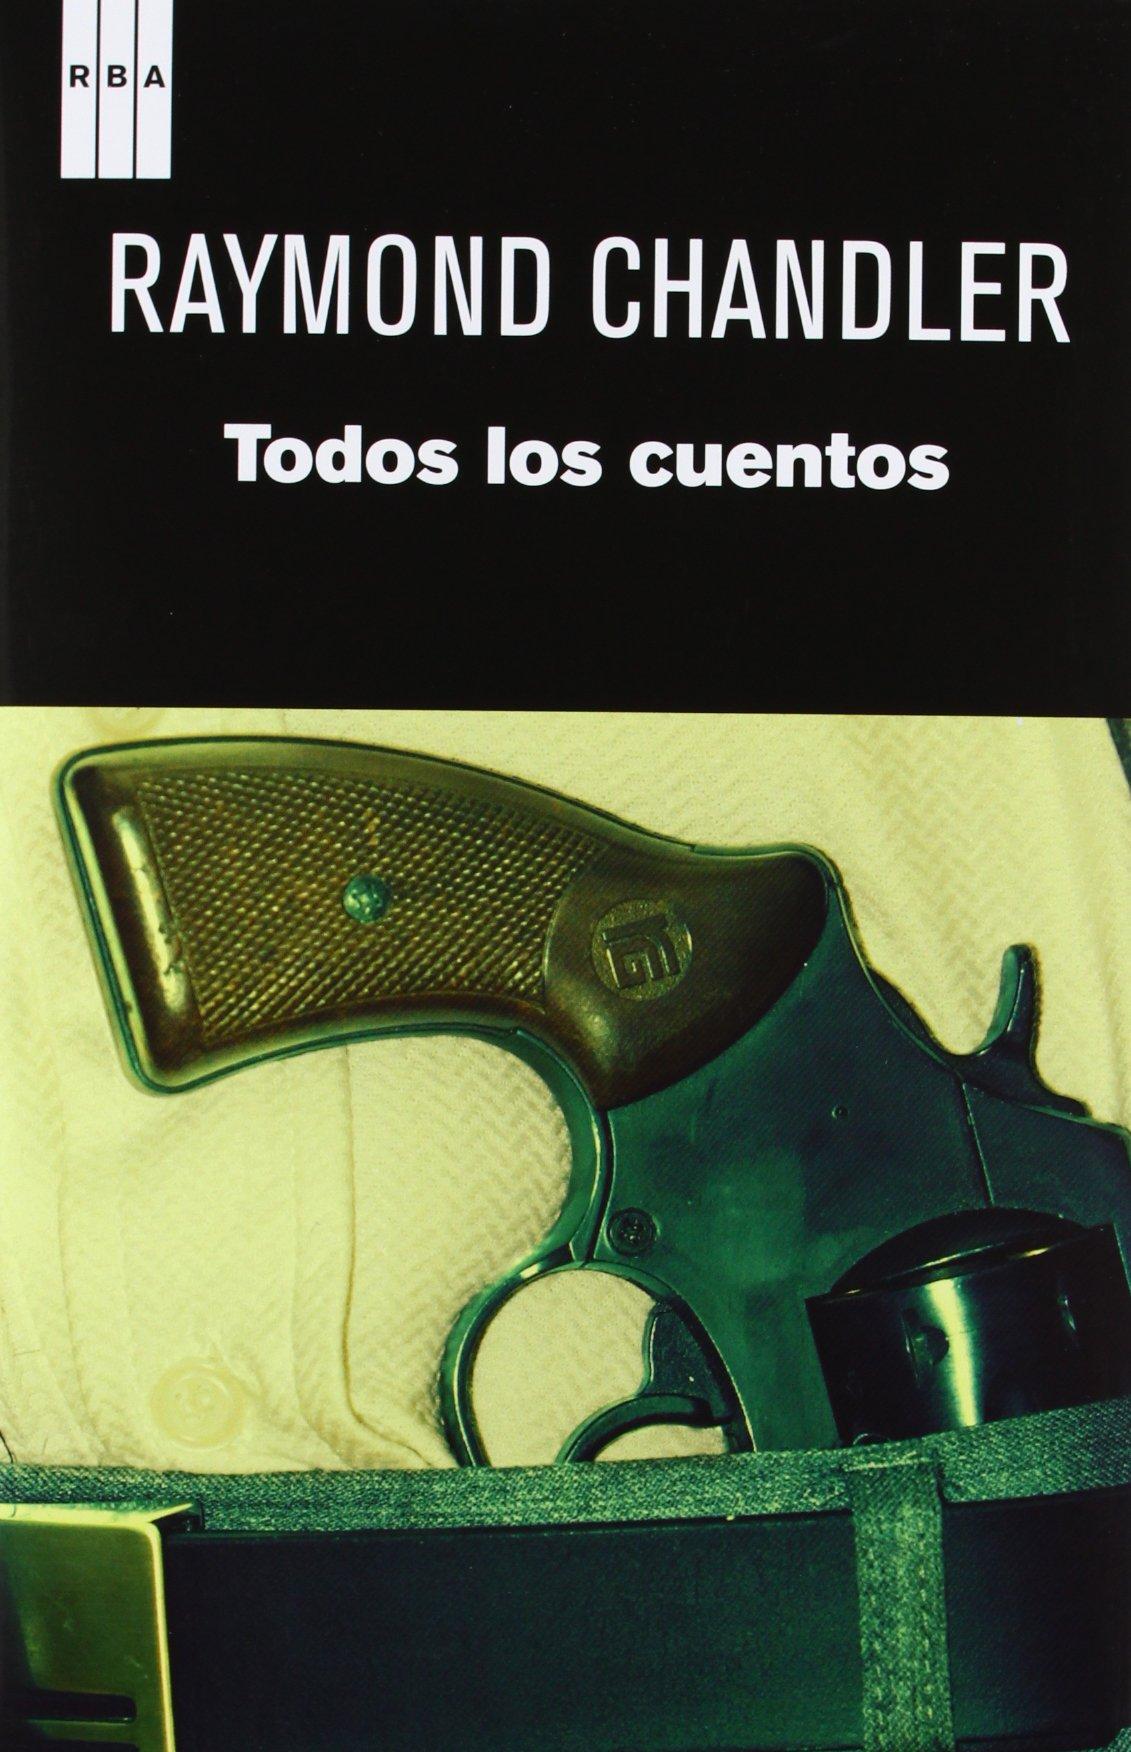 Todos los cuentos (OMNIBUS): Amazon.es: RAYMOND CHANDLER , FERNANDO C. CORUGEDO : Libros